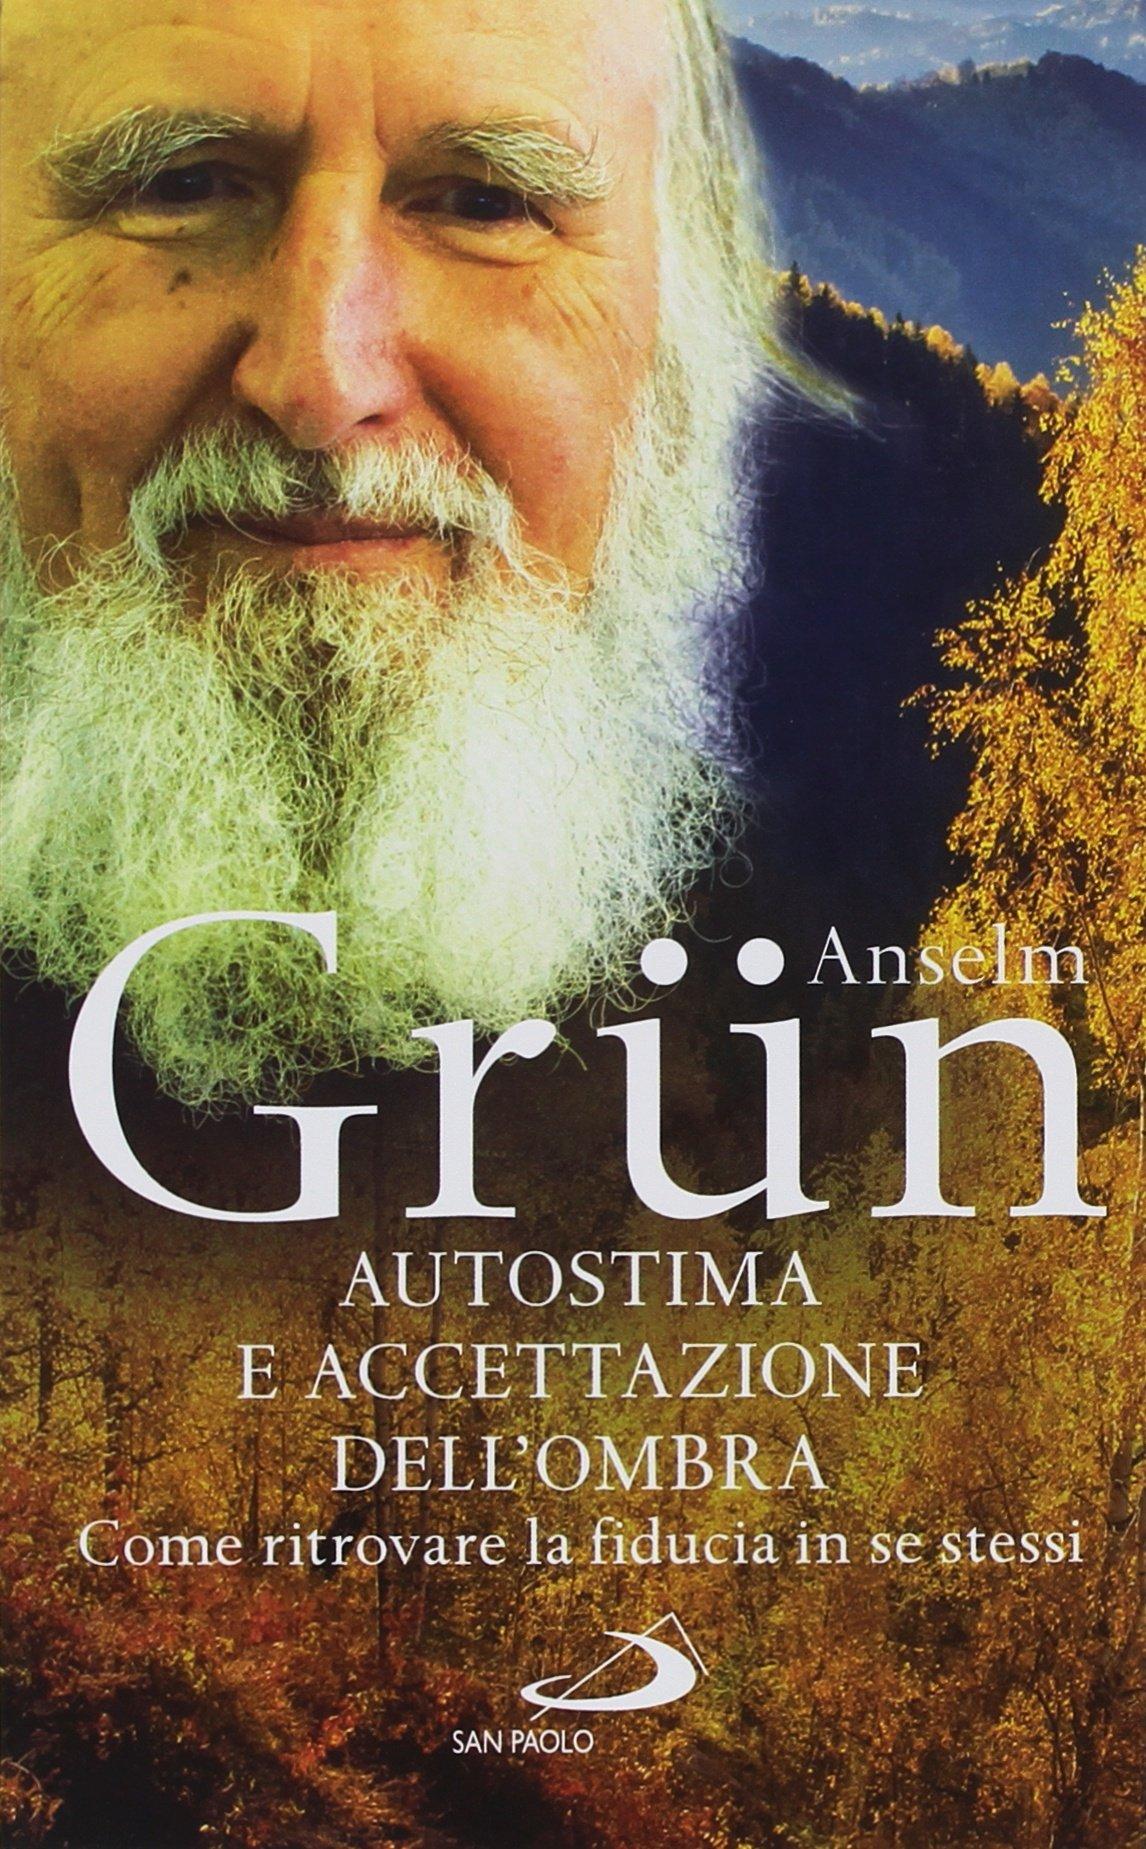 Autostima E Accettazione Dell Ombra Come Ritrovare La Fiducia In Se Stessi Amazon It Grün Anselm Zadra B Libri